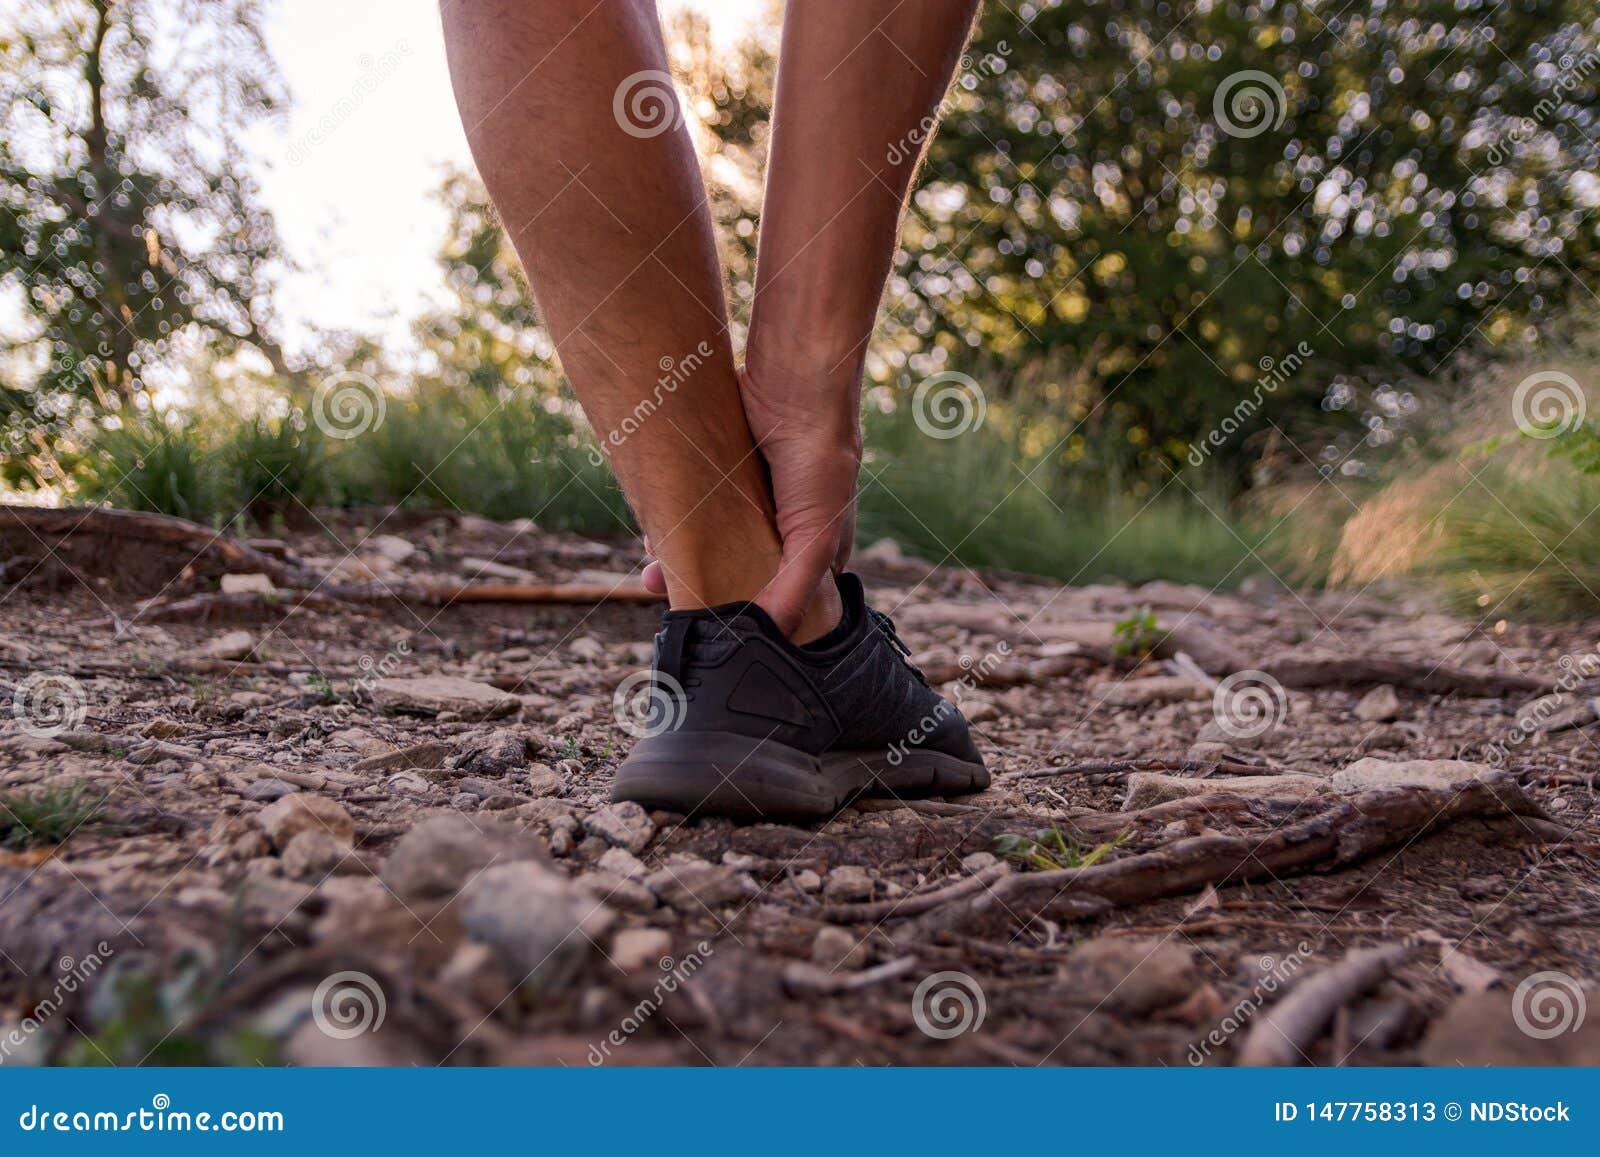 Herida en el tobillo masculina durante activar